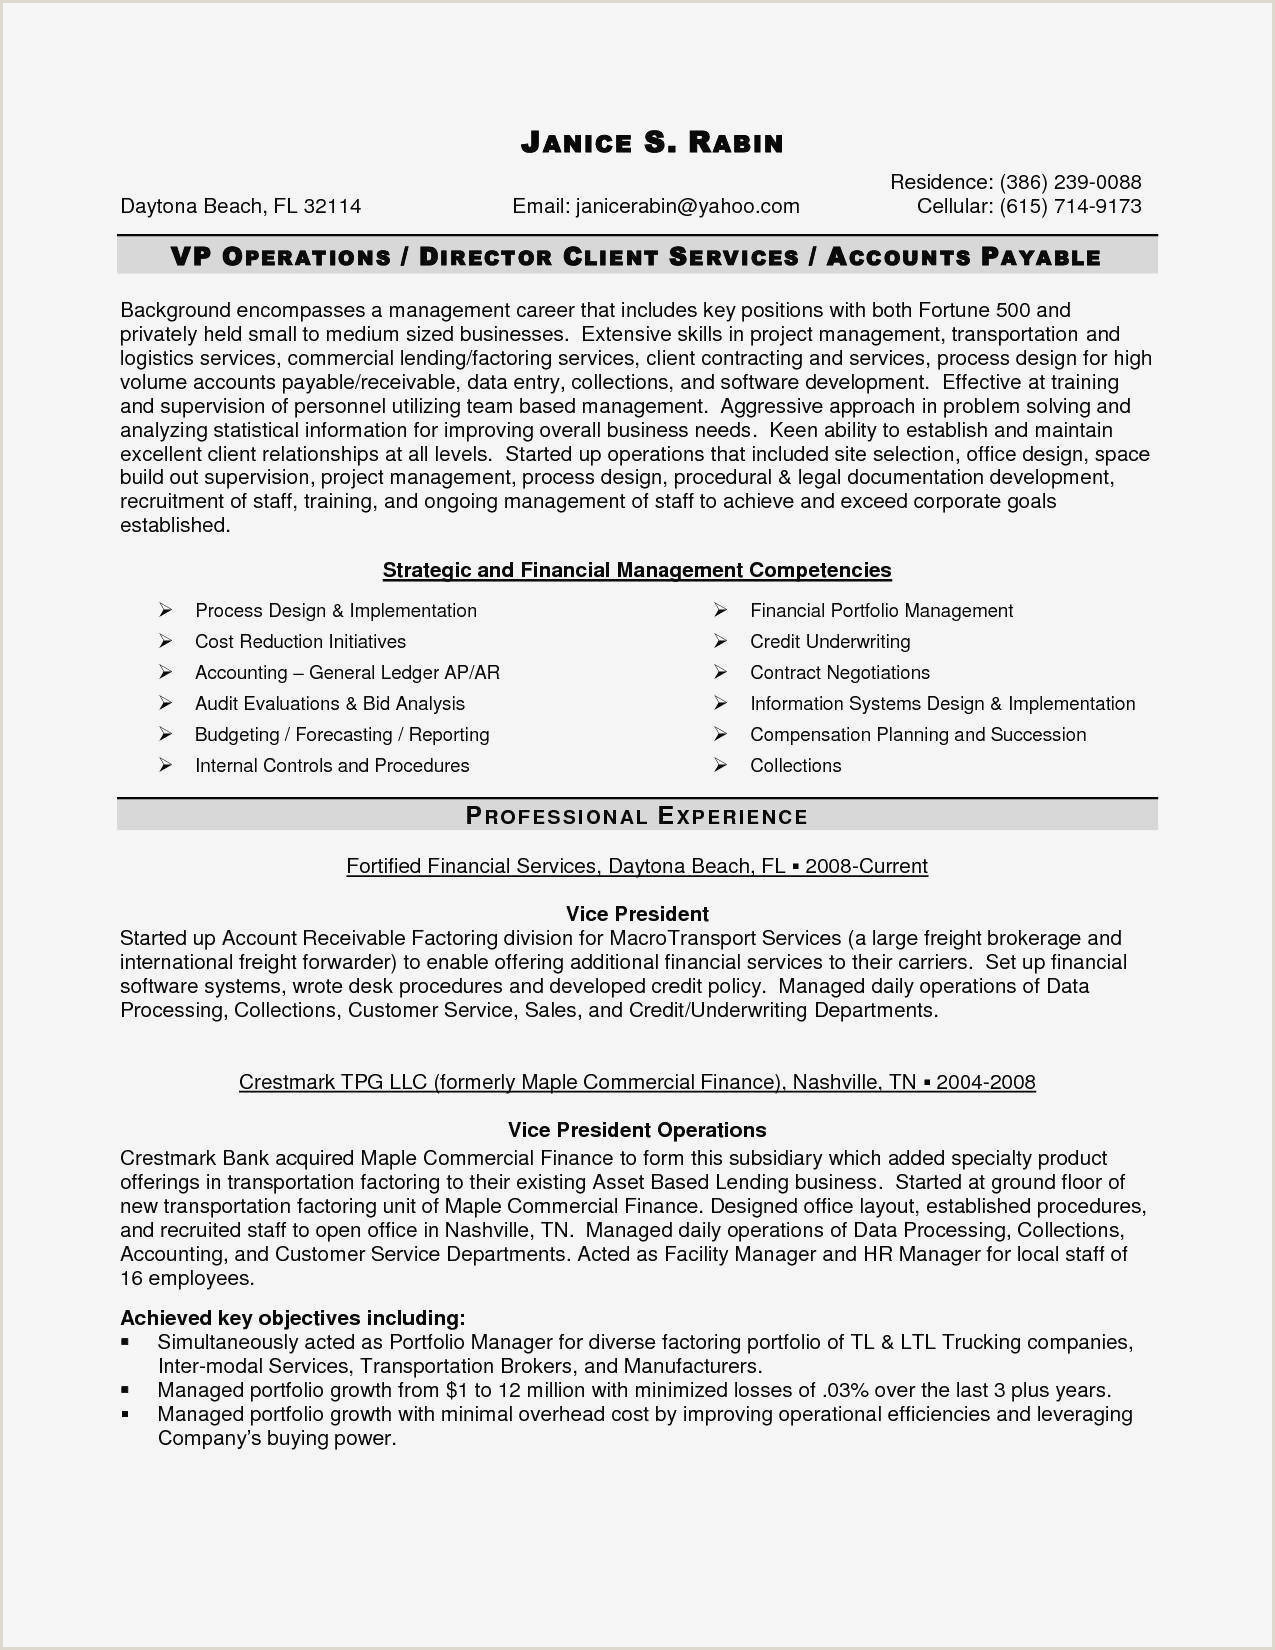 Curriculum Vitae Sample New Curriculum Vitae format